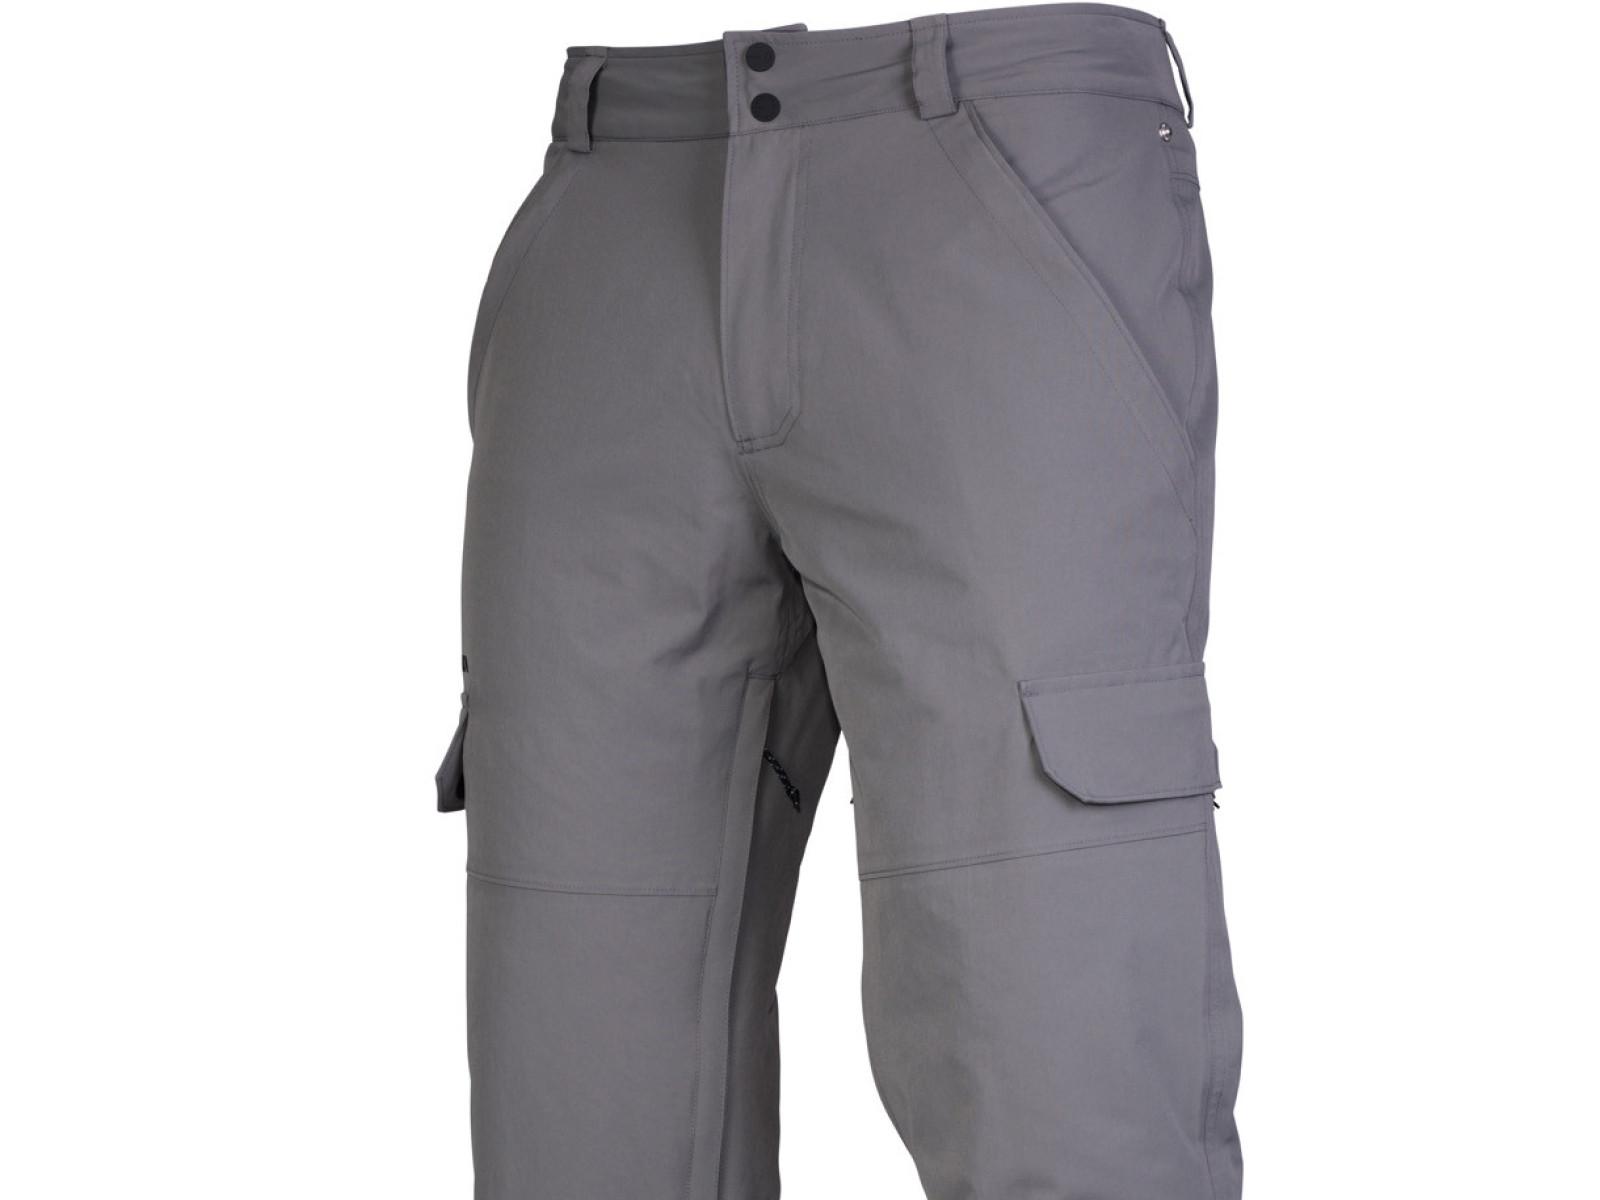 Armada Union Insulated Pant - slate Veľkosť oblečenia: M.